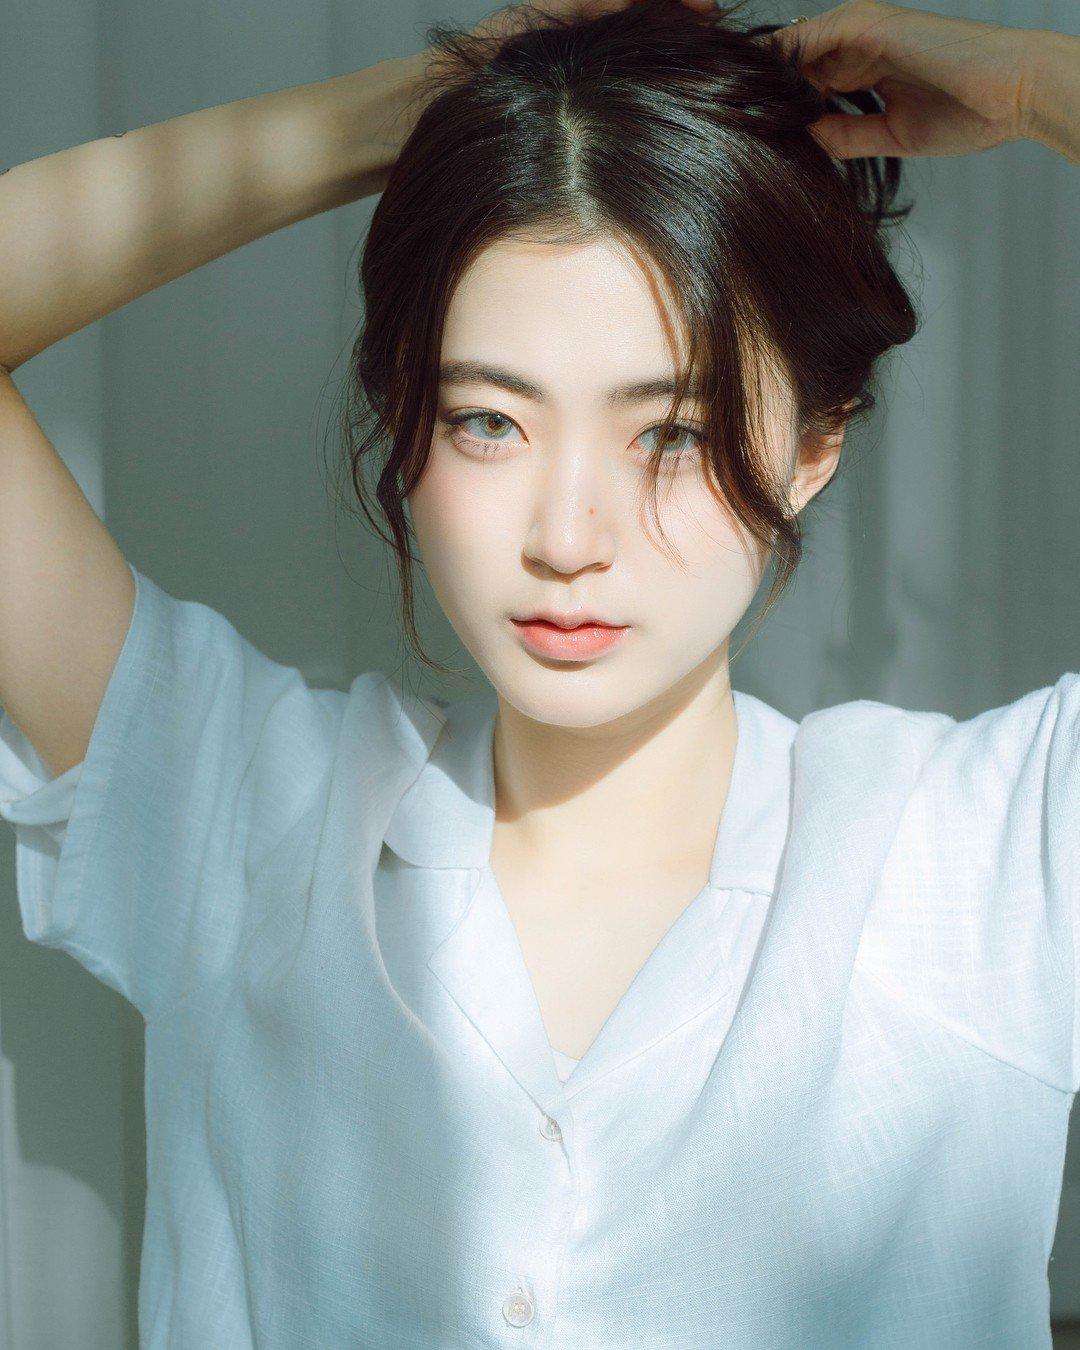 """Điểm danh 4 xu hướng chăm sóc da """"làm mưa làm gió"""" giới trẻ Hàn hiện nay"""